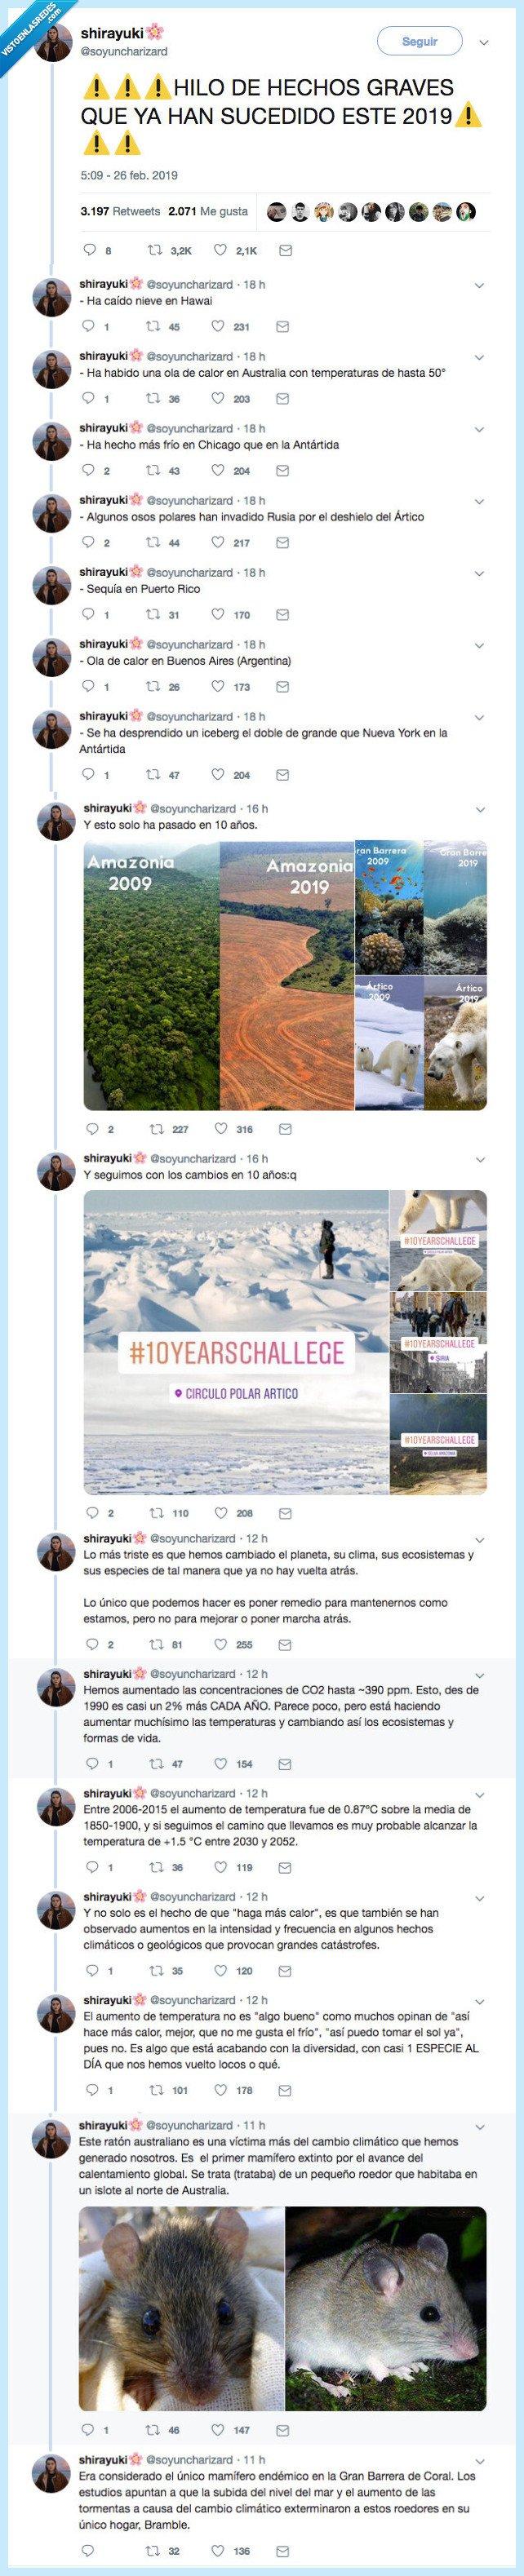 cambio climático,conciencias